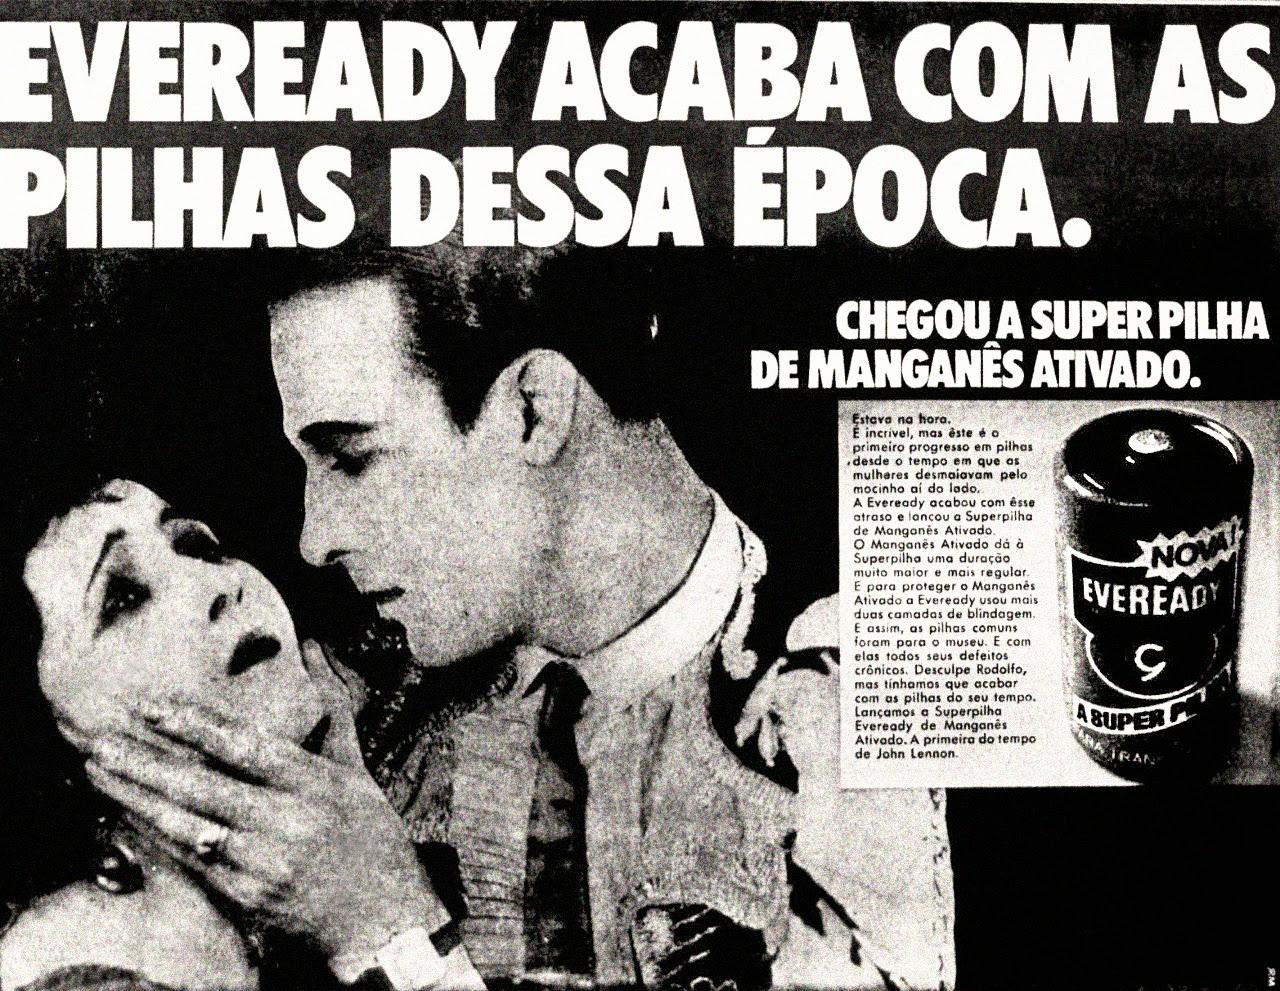 história da década de 70. Reclame anos 70. Propaganda anos 70. Brazil in the 70s